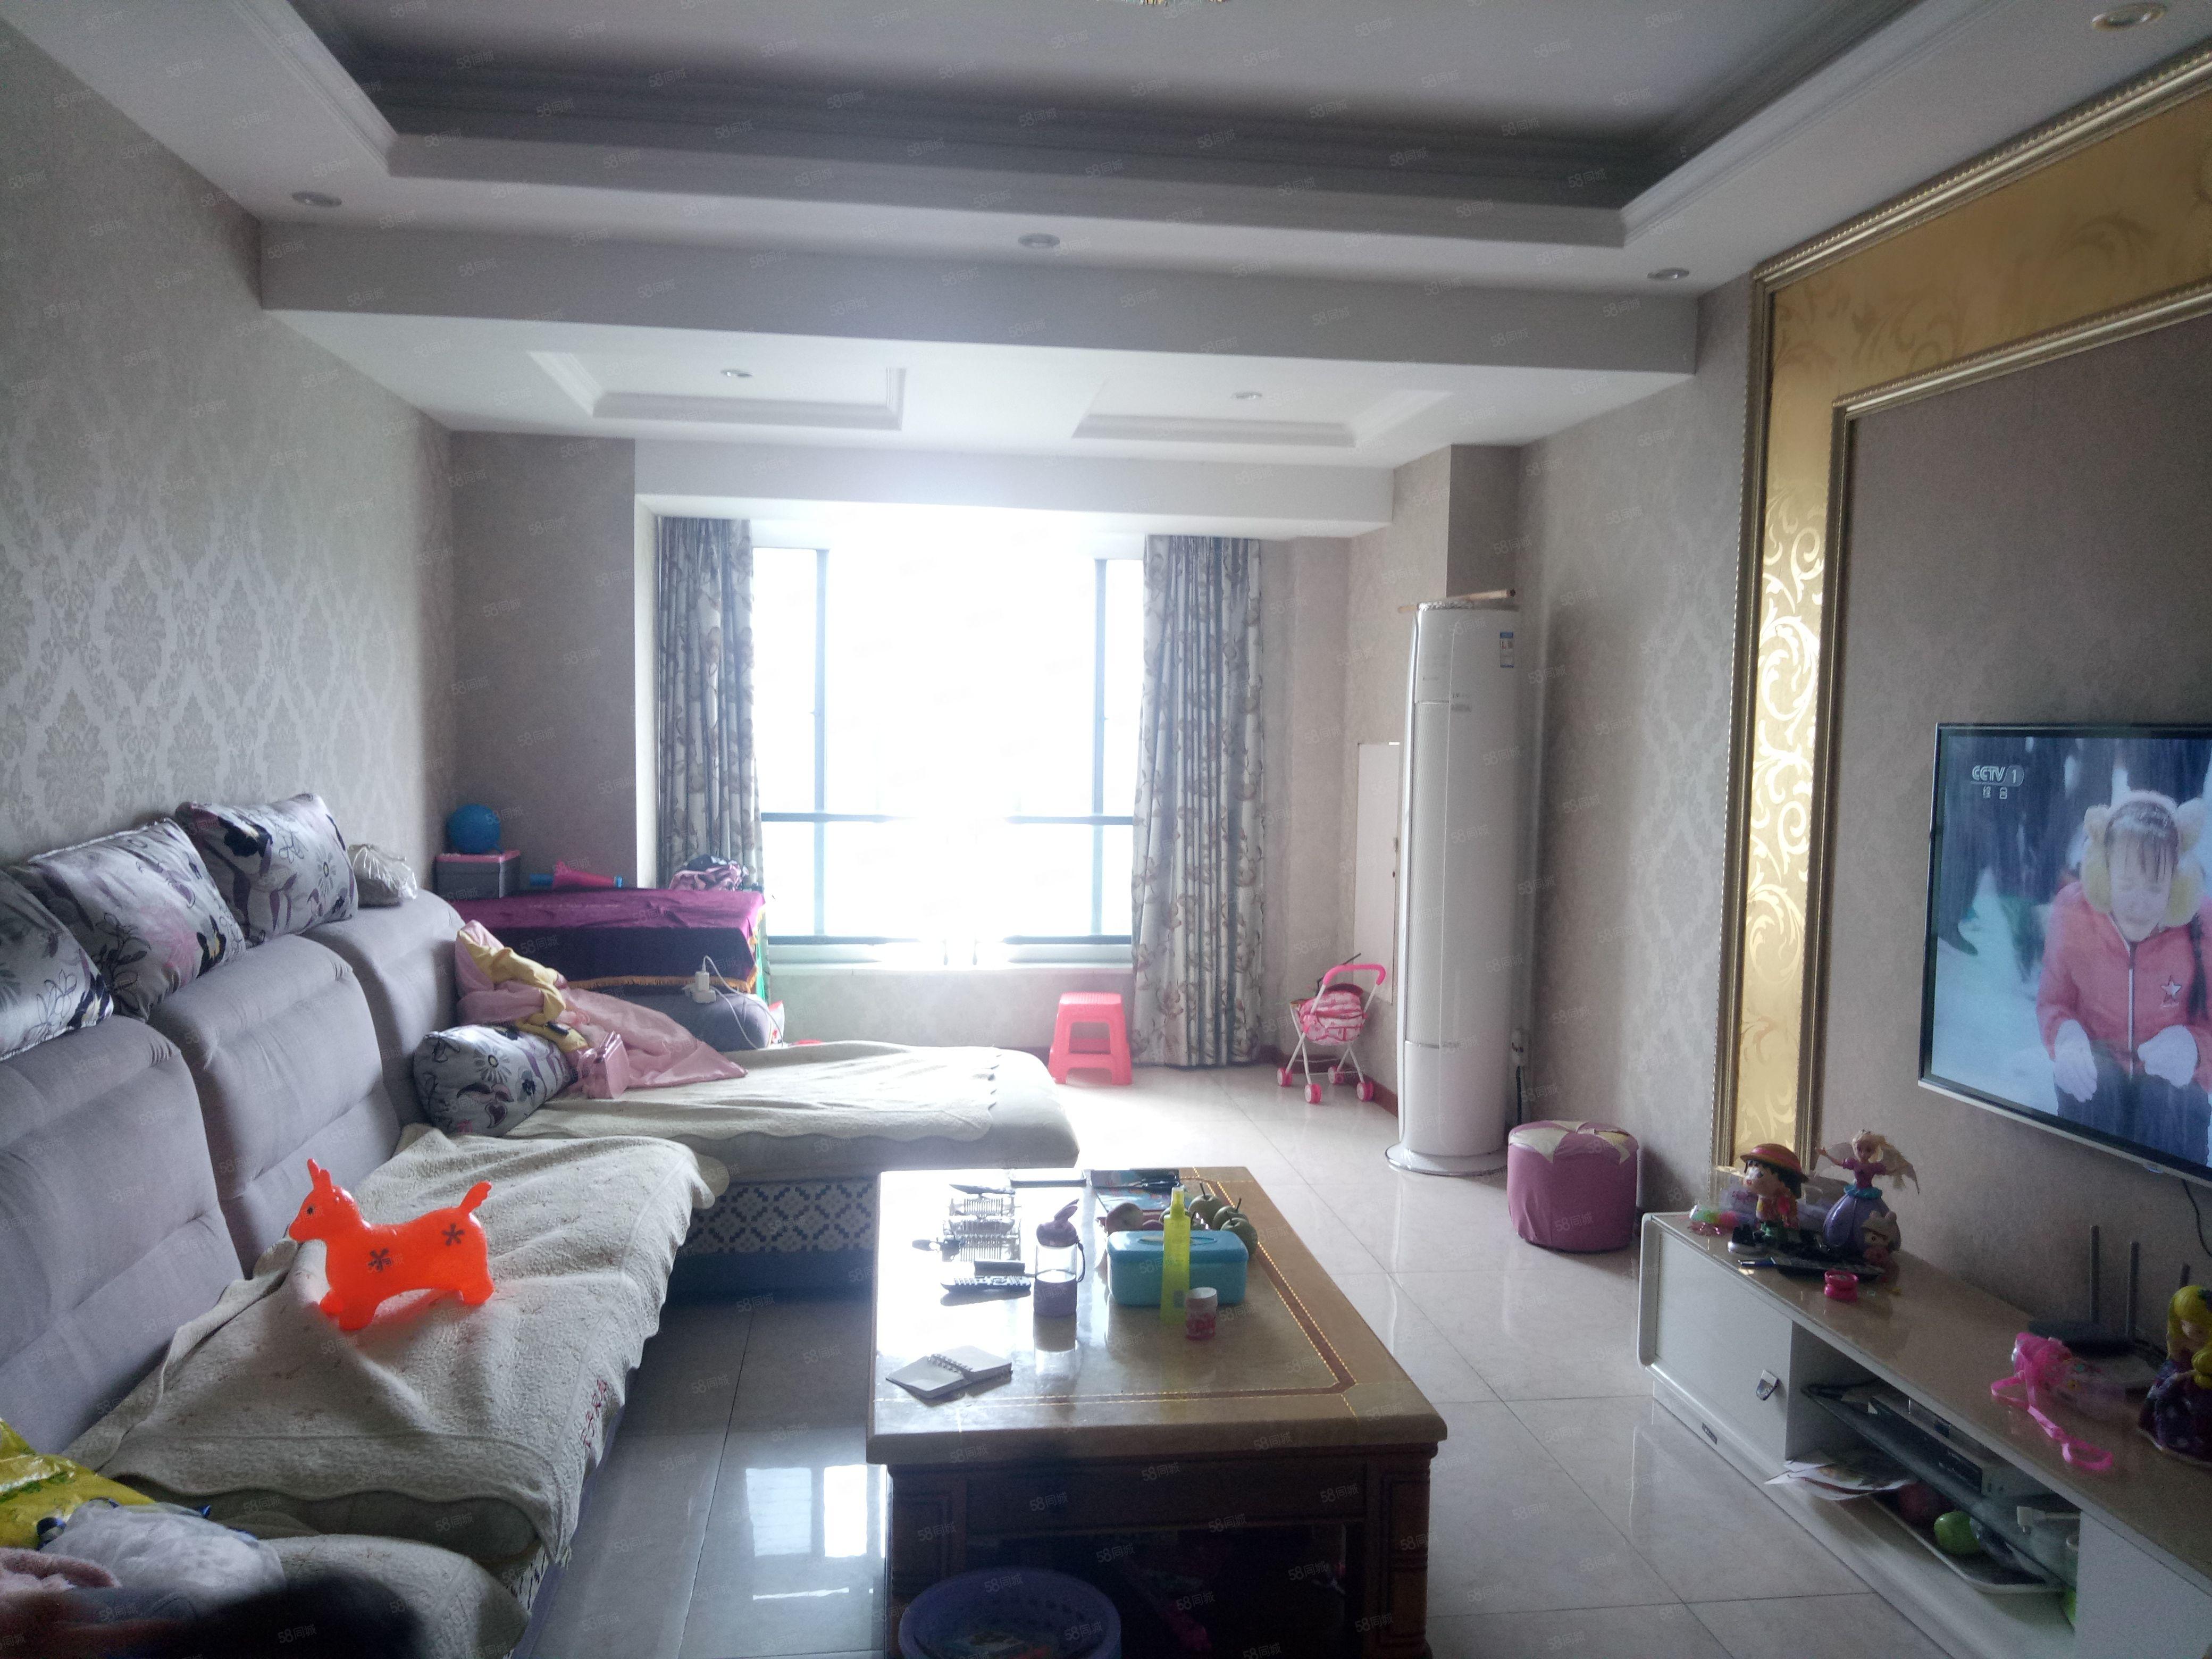 海怡江山江景房精装正规3室2厅2卫家电齐全110m采光好